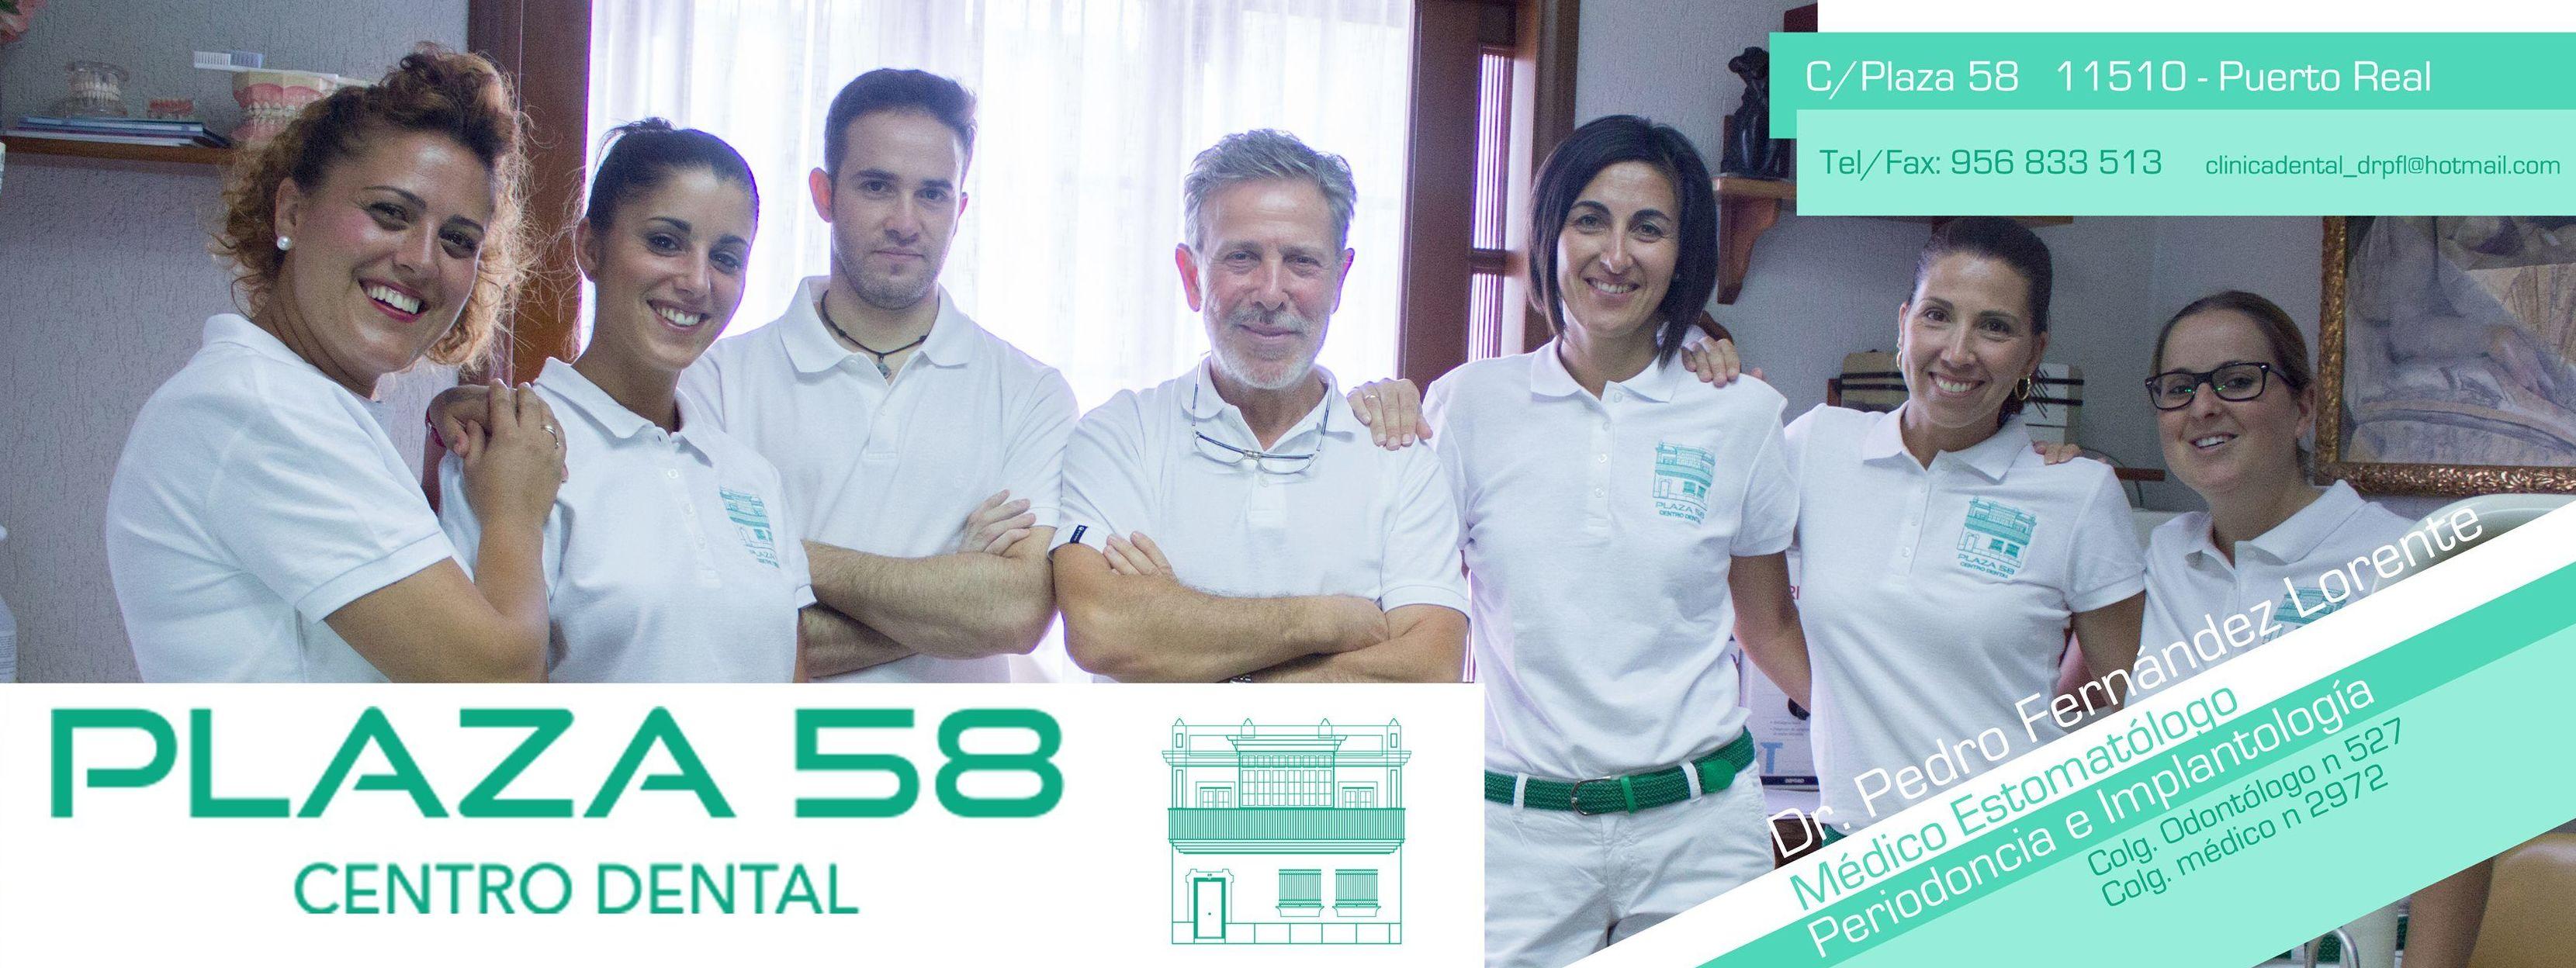 Foto 8 de Dentistas en Puerto Real | Clínica Dental Plaza 58 (Dr. Pedro Fernández Lorente)